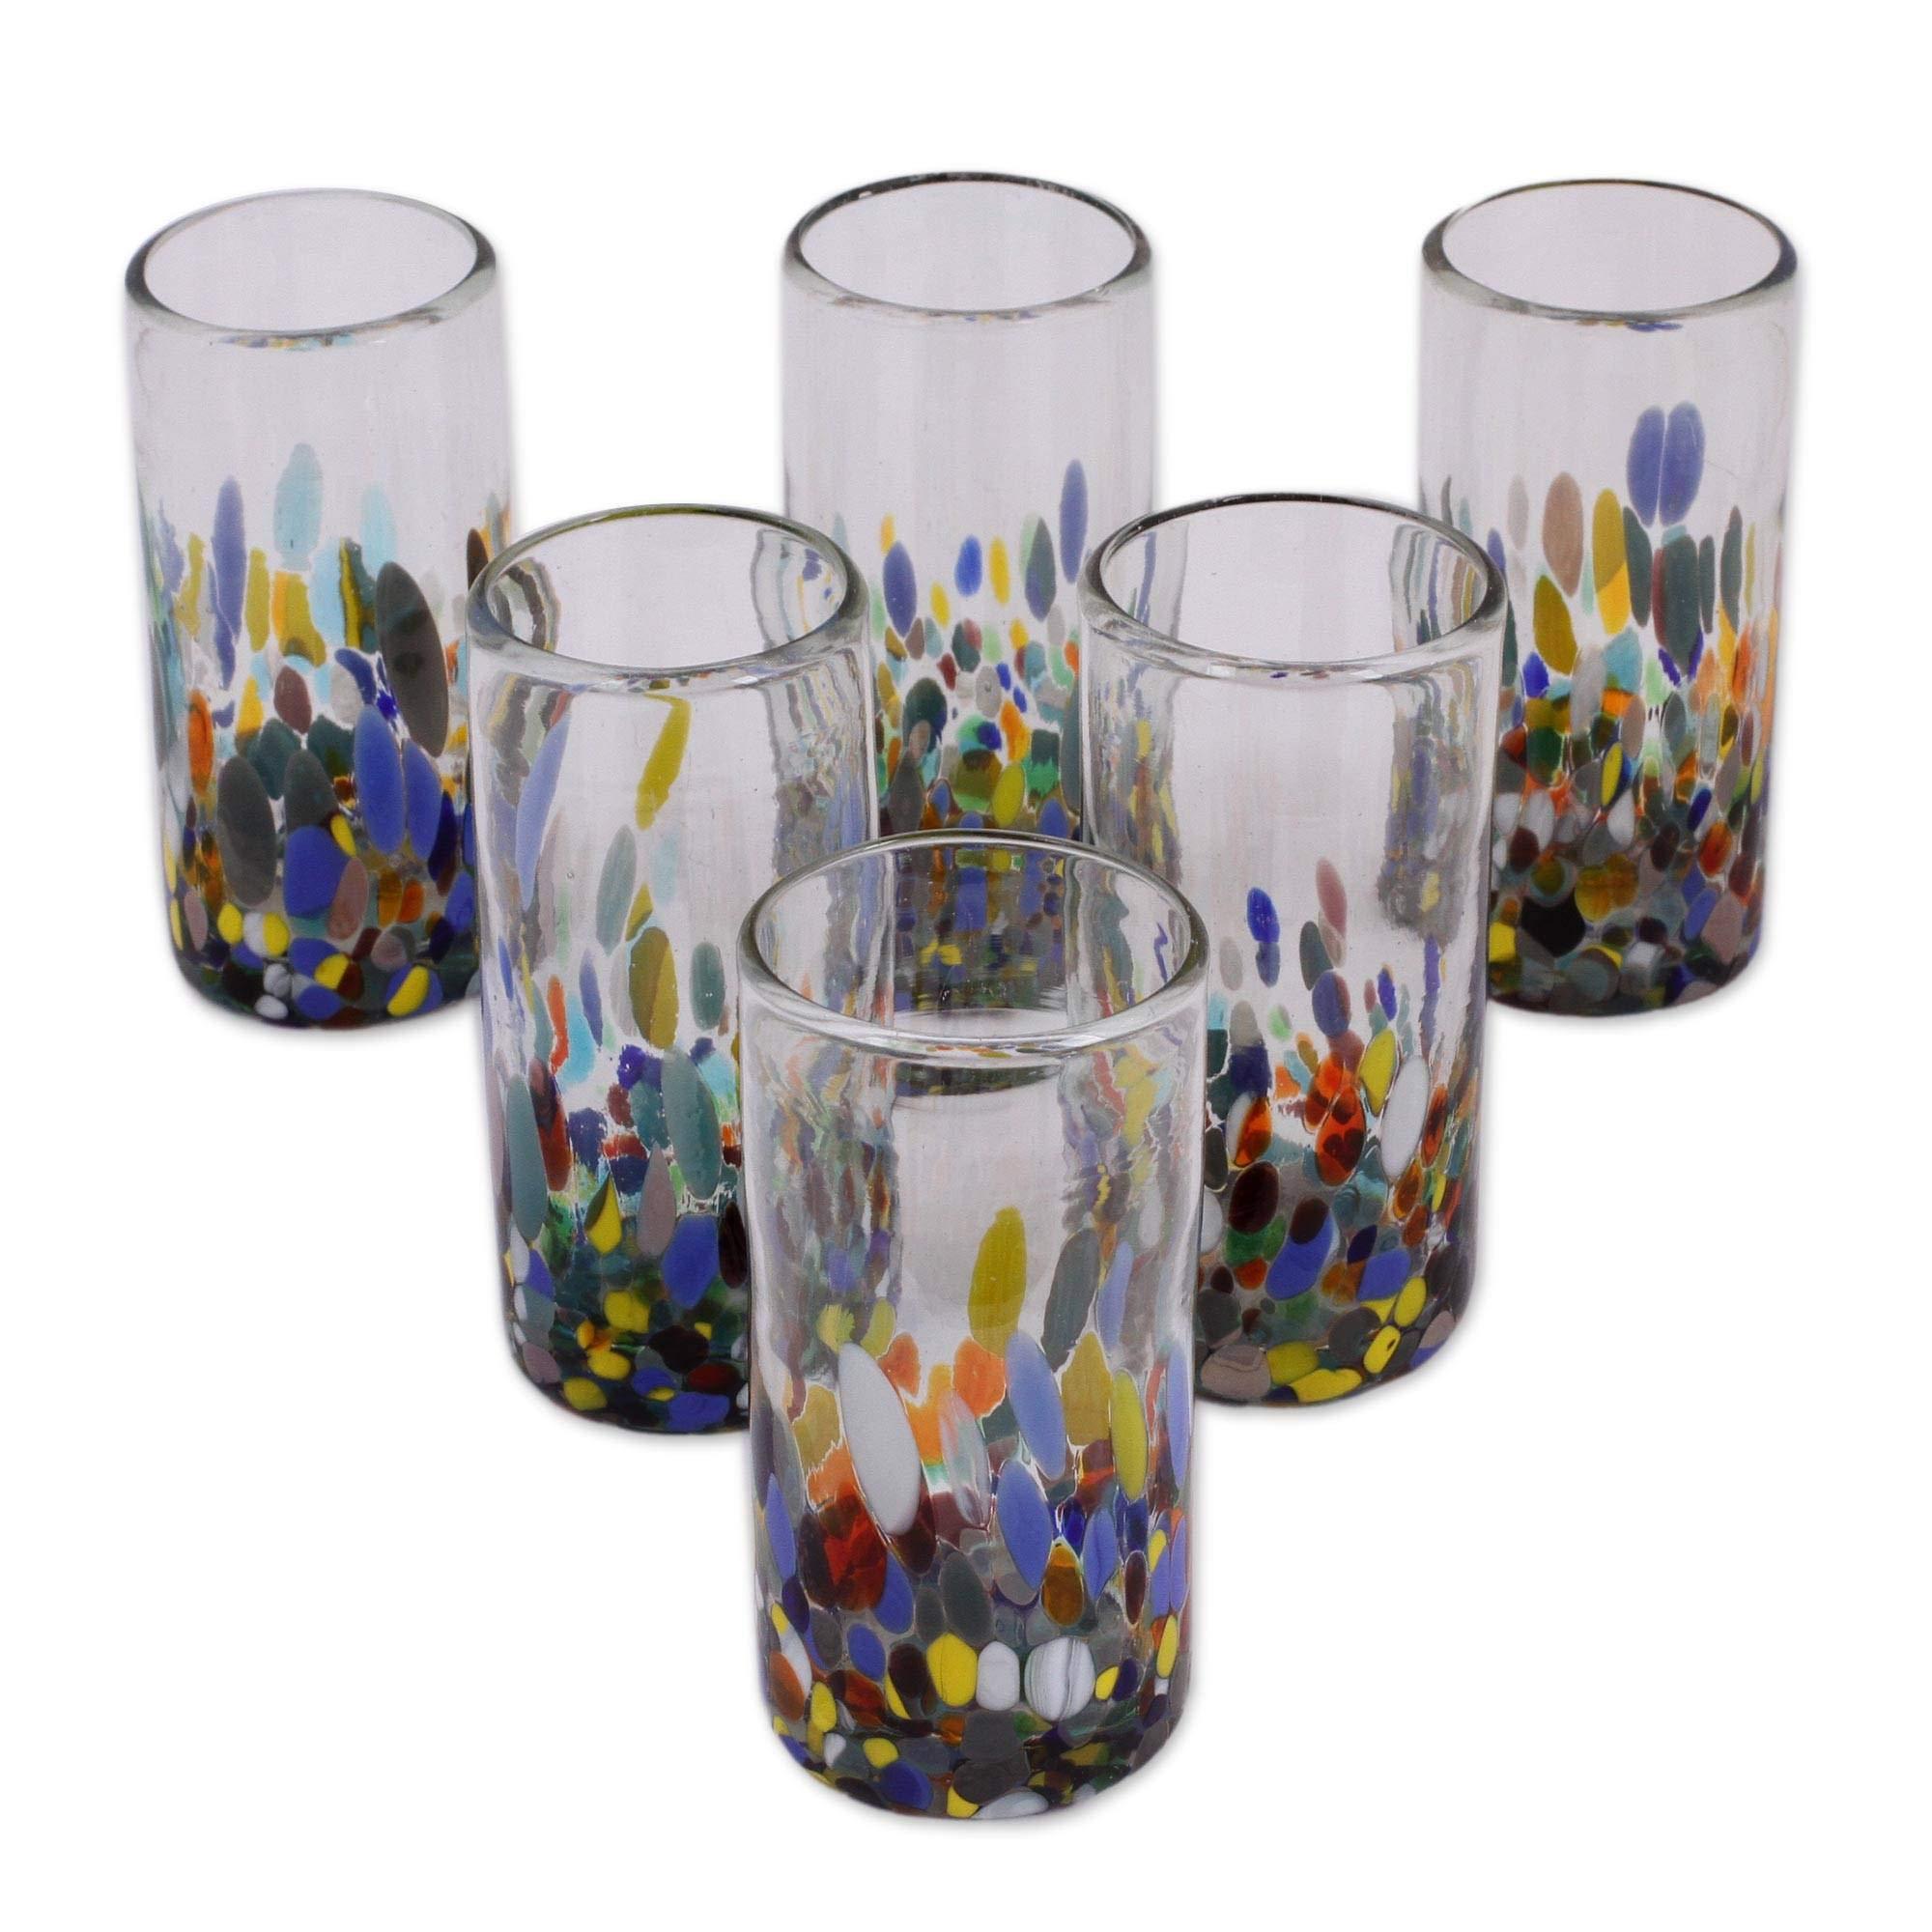 NOVICA Multicolor Eco-Friendly Hand Blown Glass Highball Glasses, 'Confetti Festival' (set of 6) by NOVICA